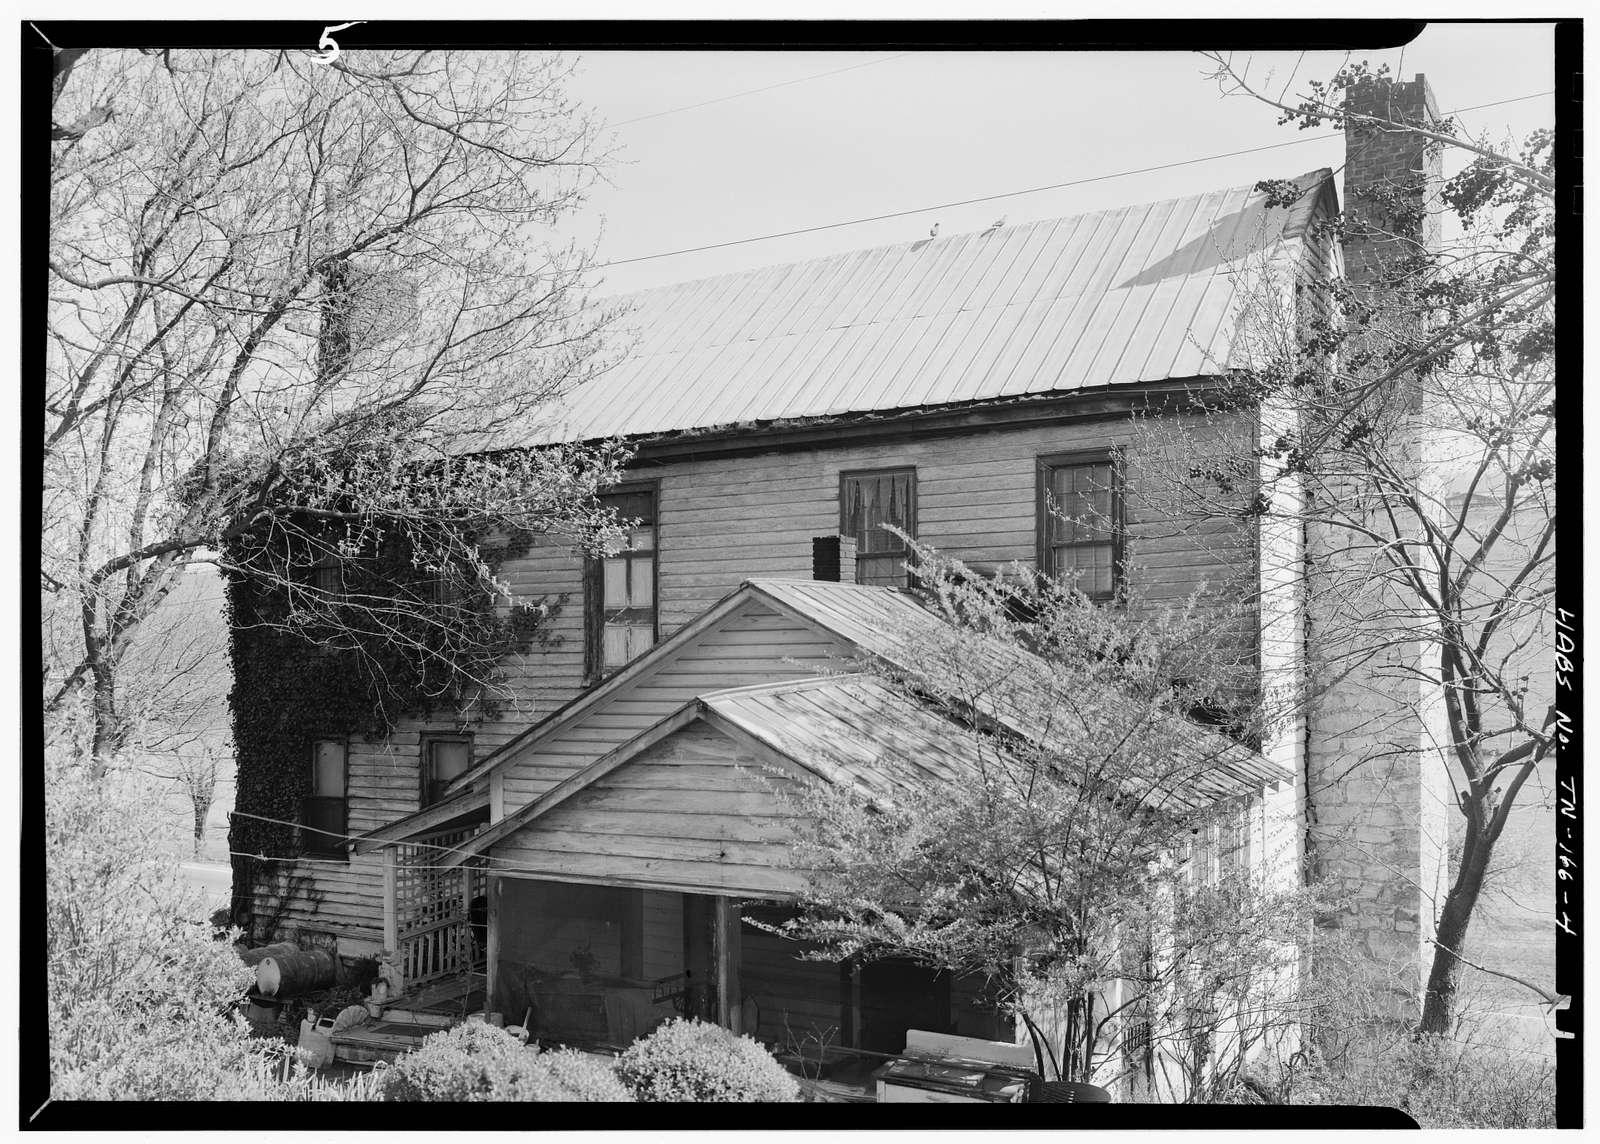 Netherland Inn, 2144 Knoxville Highway, Kingsport, Sullivan County, TN